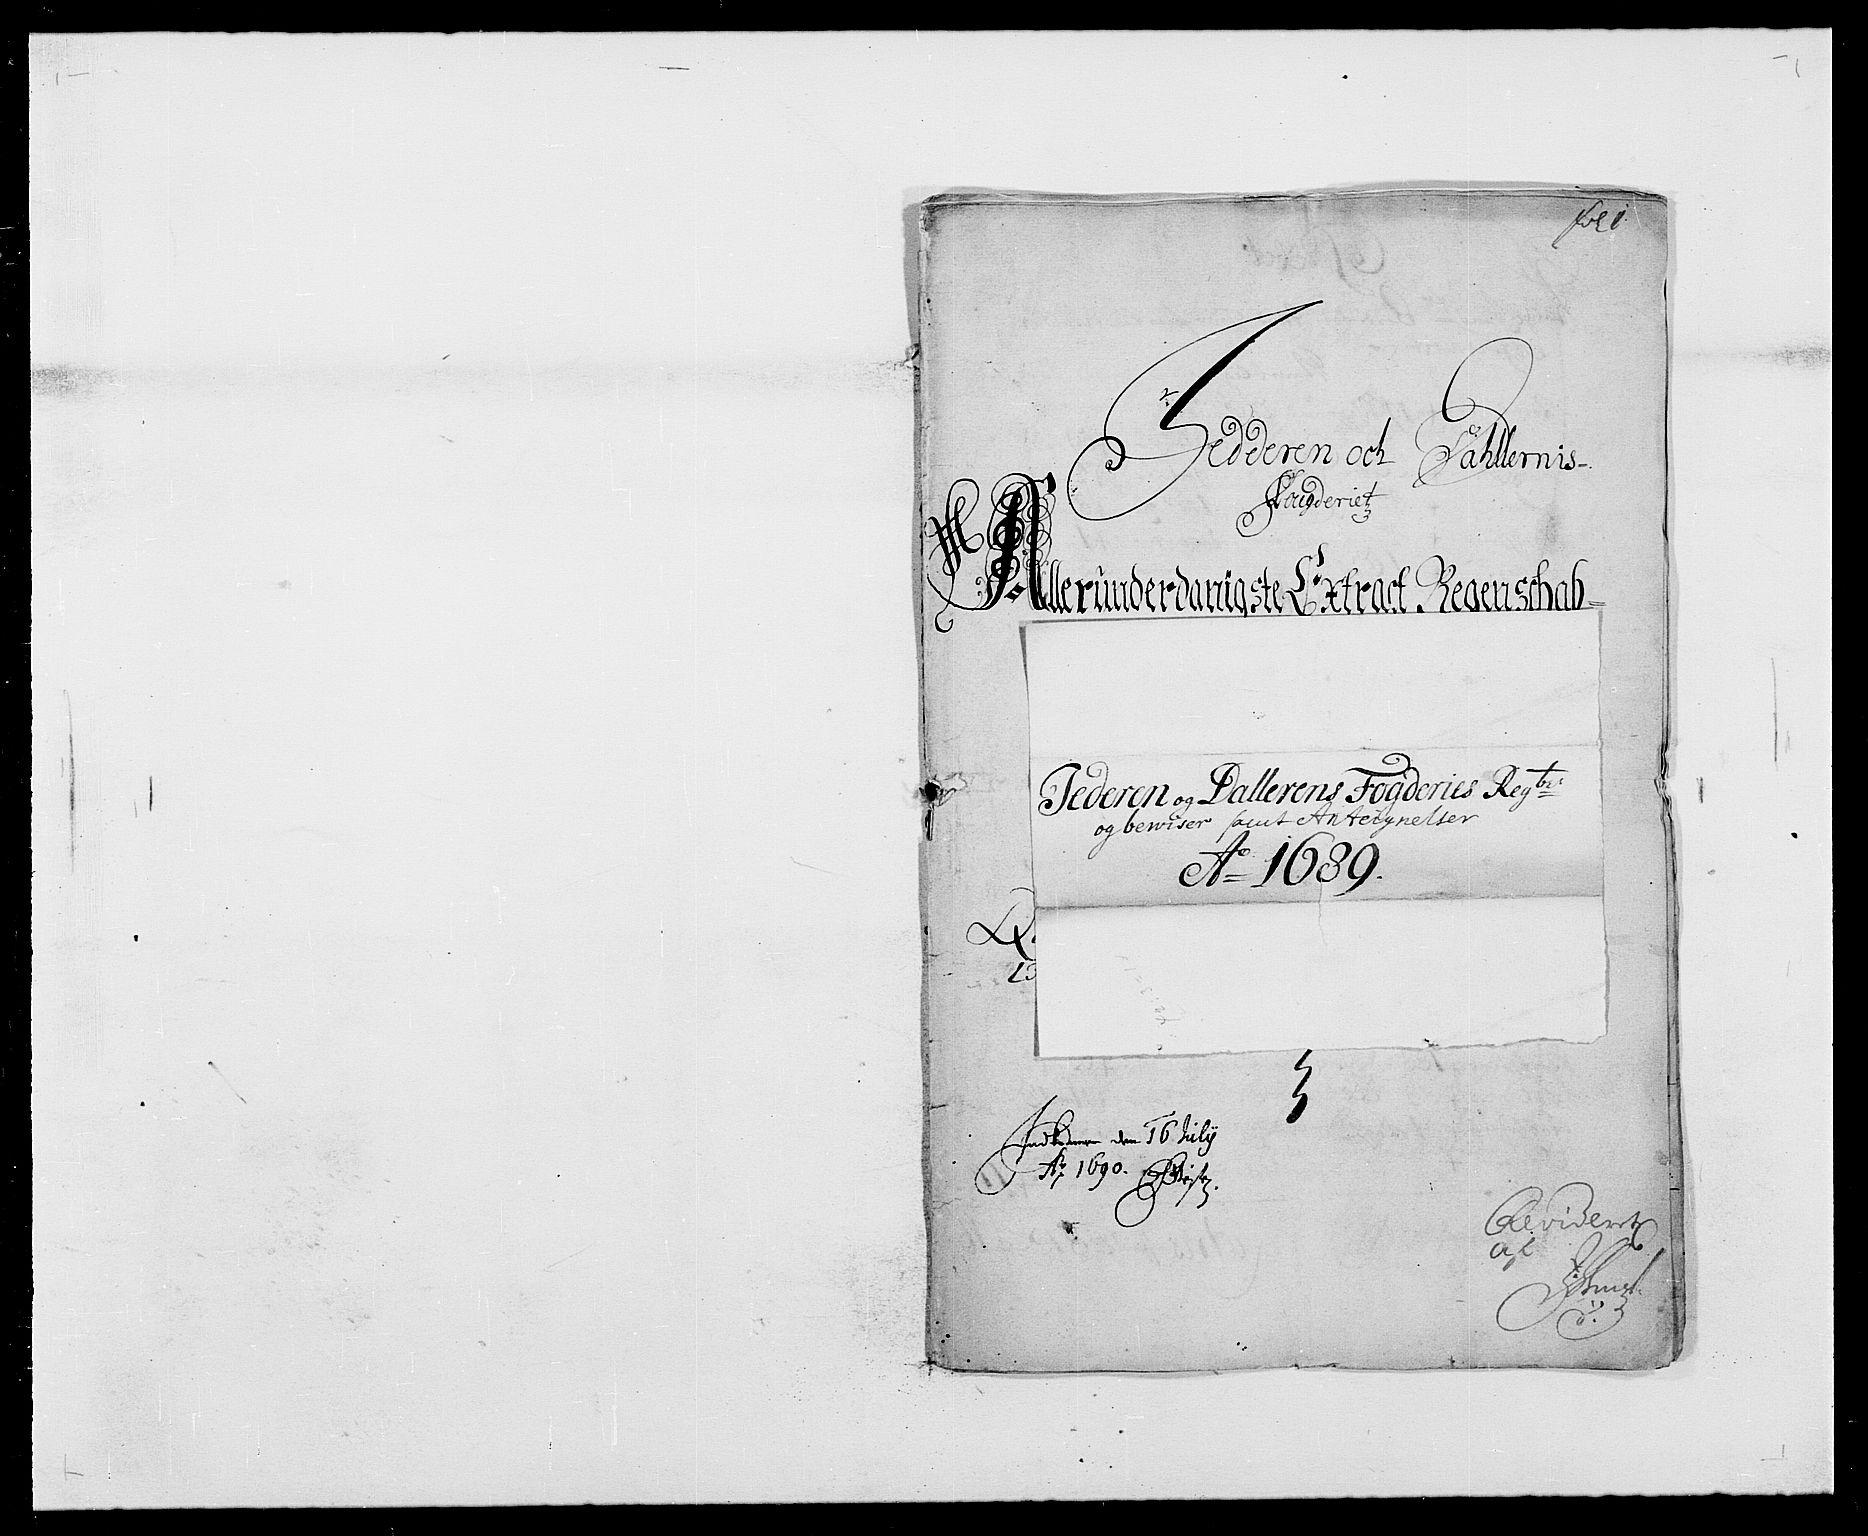 RA, Rentekammeret inntil 1814, Reviderte regnskaper, Fogderegnskap, R46/L2726: Fogderegnskap Jæren og Dalane, 1686-1689, s. 320